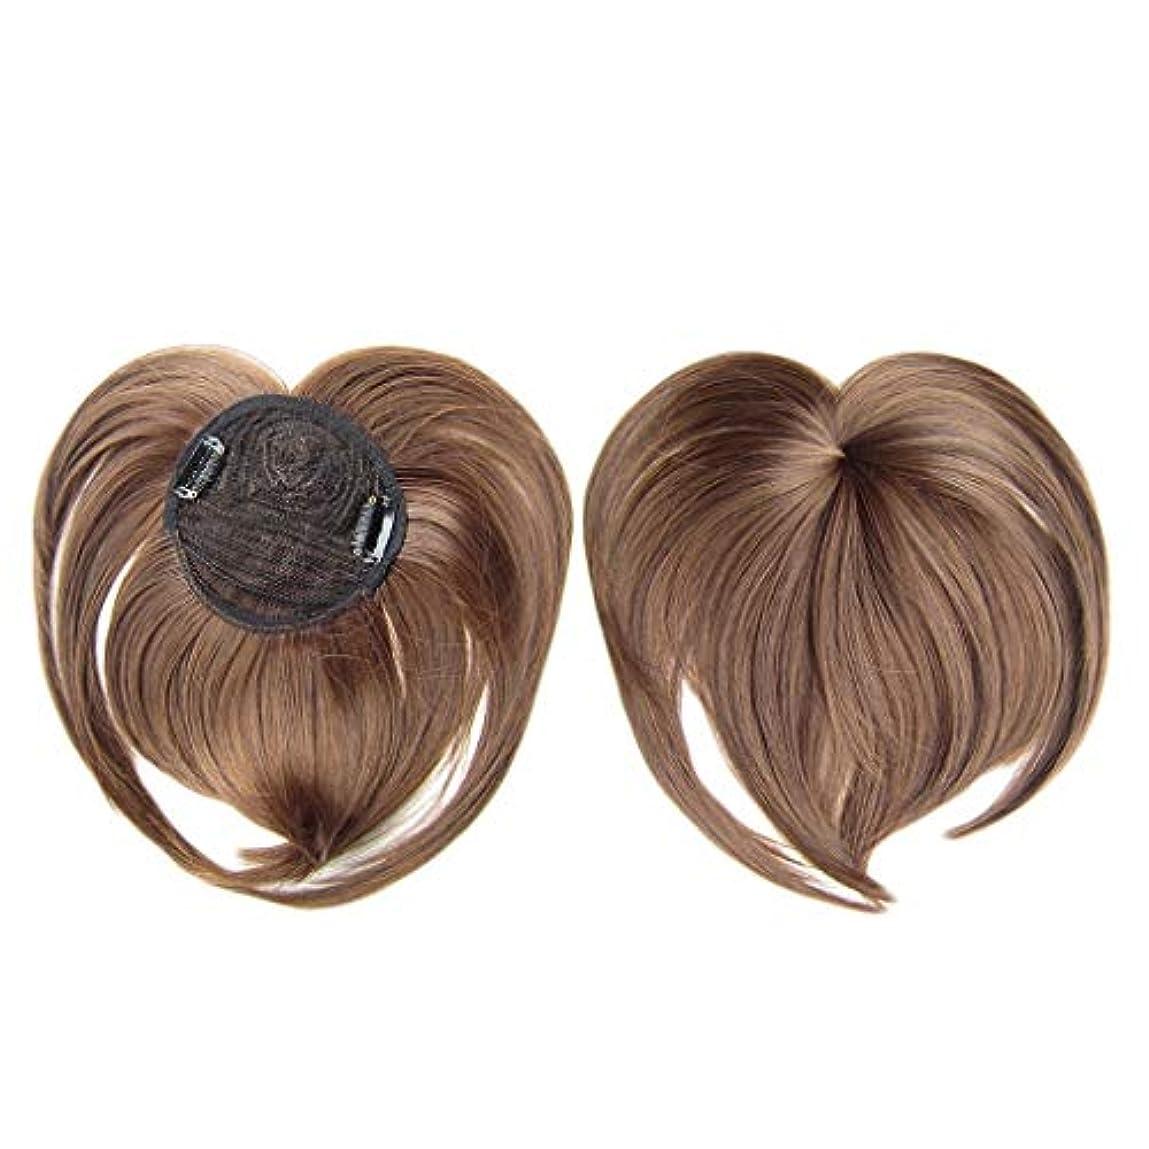 揺れる故国隠Jun® 女性の絹のようなクリップオンヘアトッパーウィッグ耐熱ファイバーウィッグファッションヘアウィッグ (G)